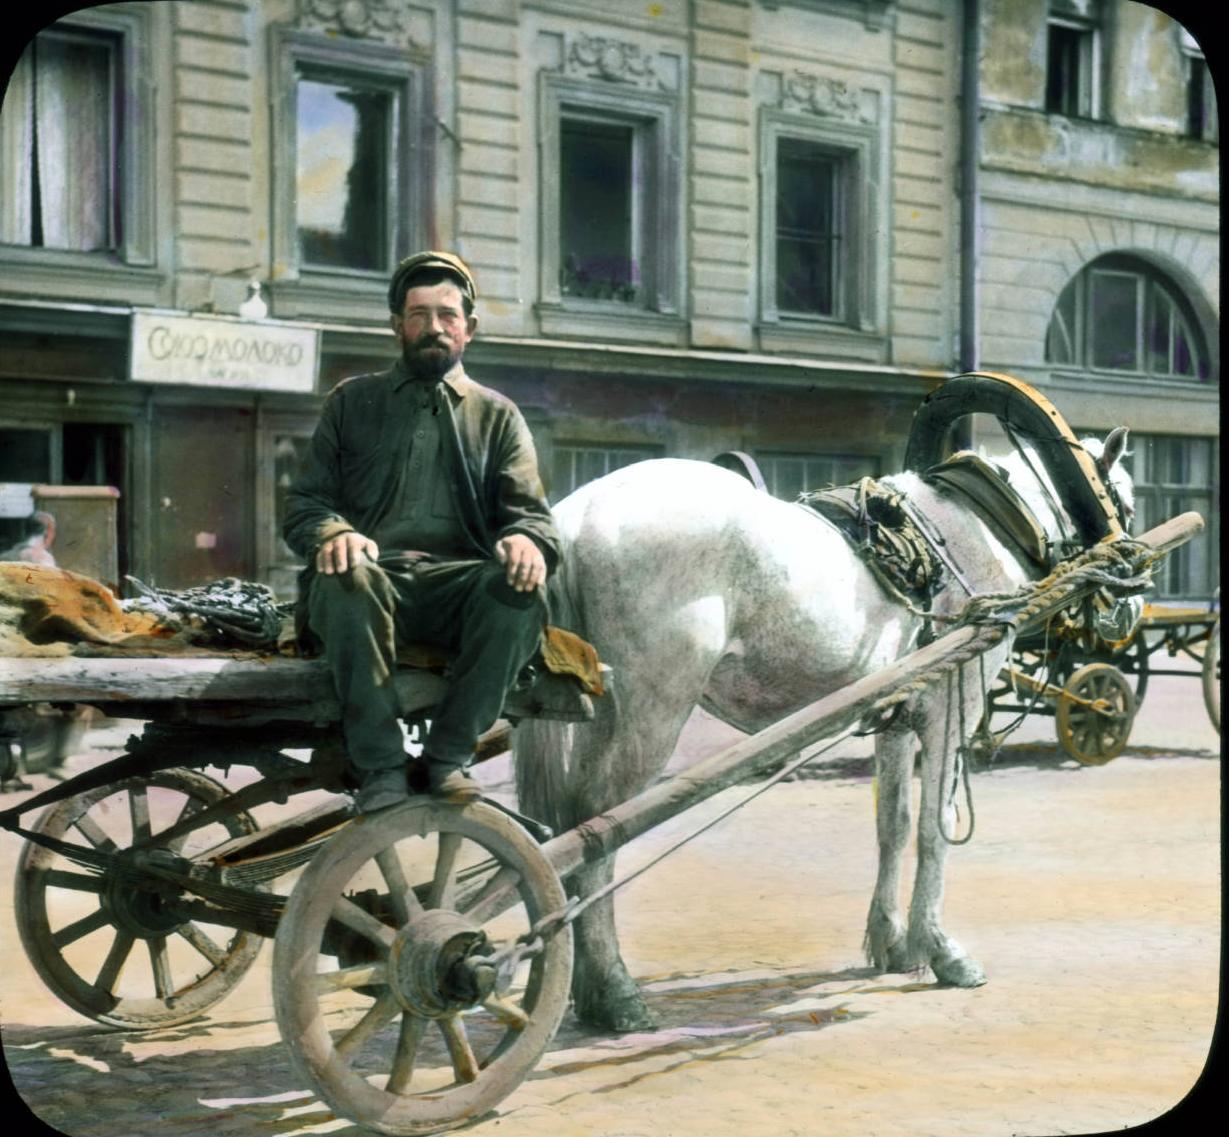 Санкт-Петербург, крестьянин с повозкой в городе